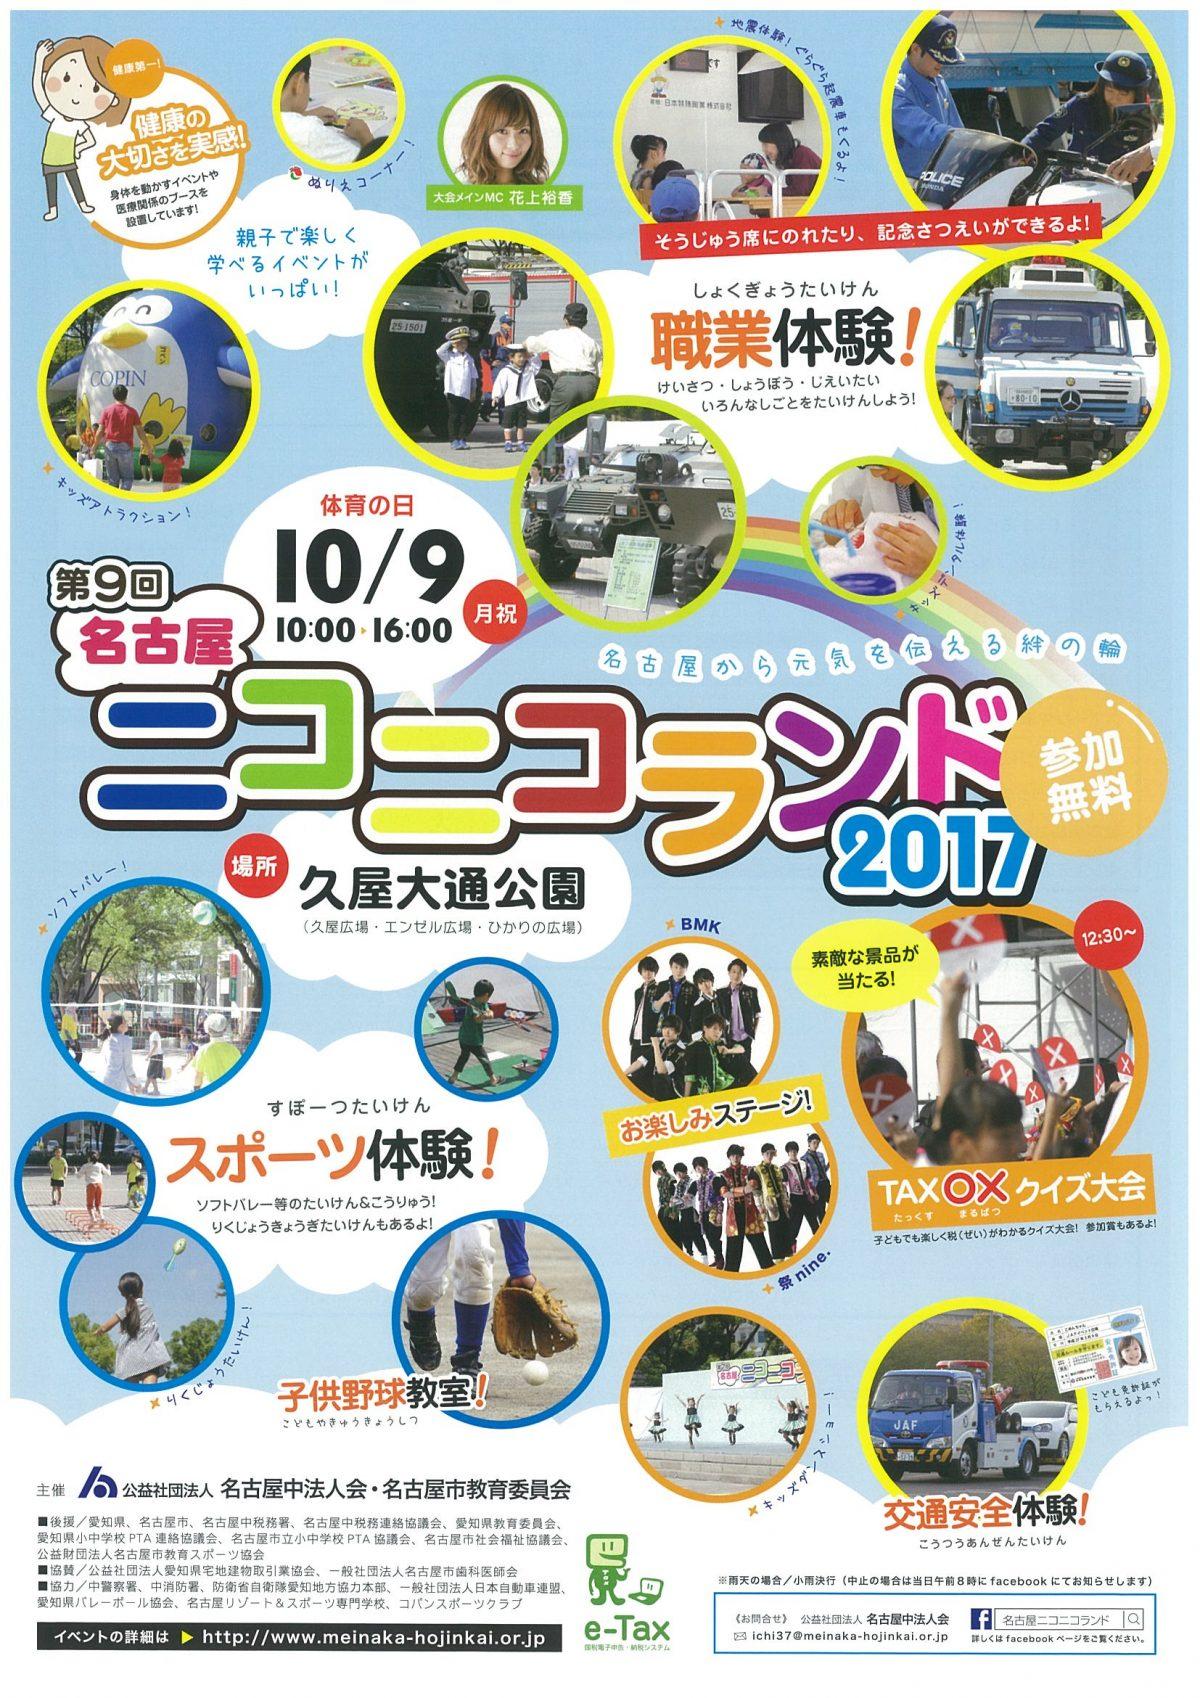 名古屋ニコニコランド2017